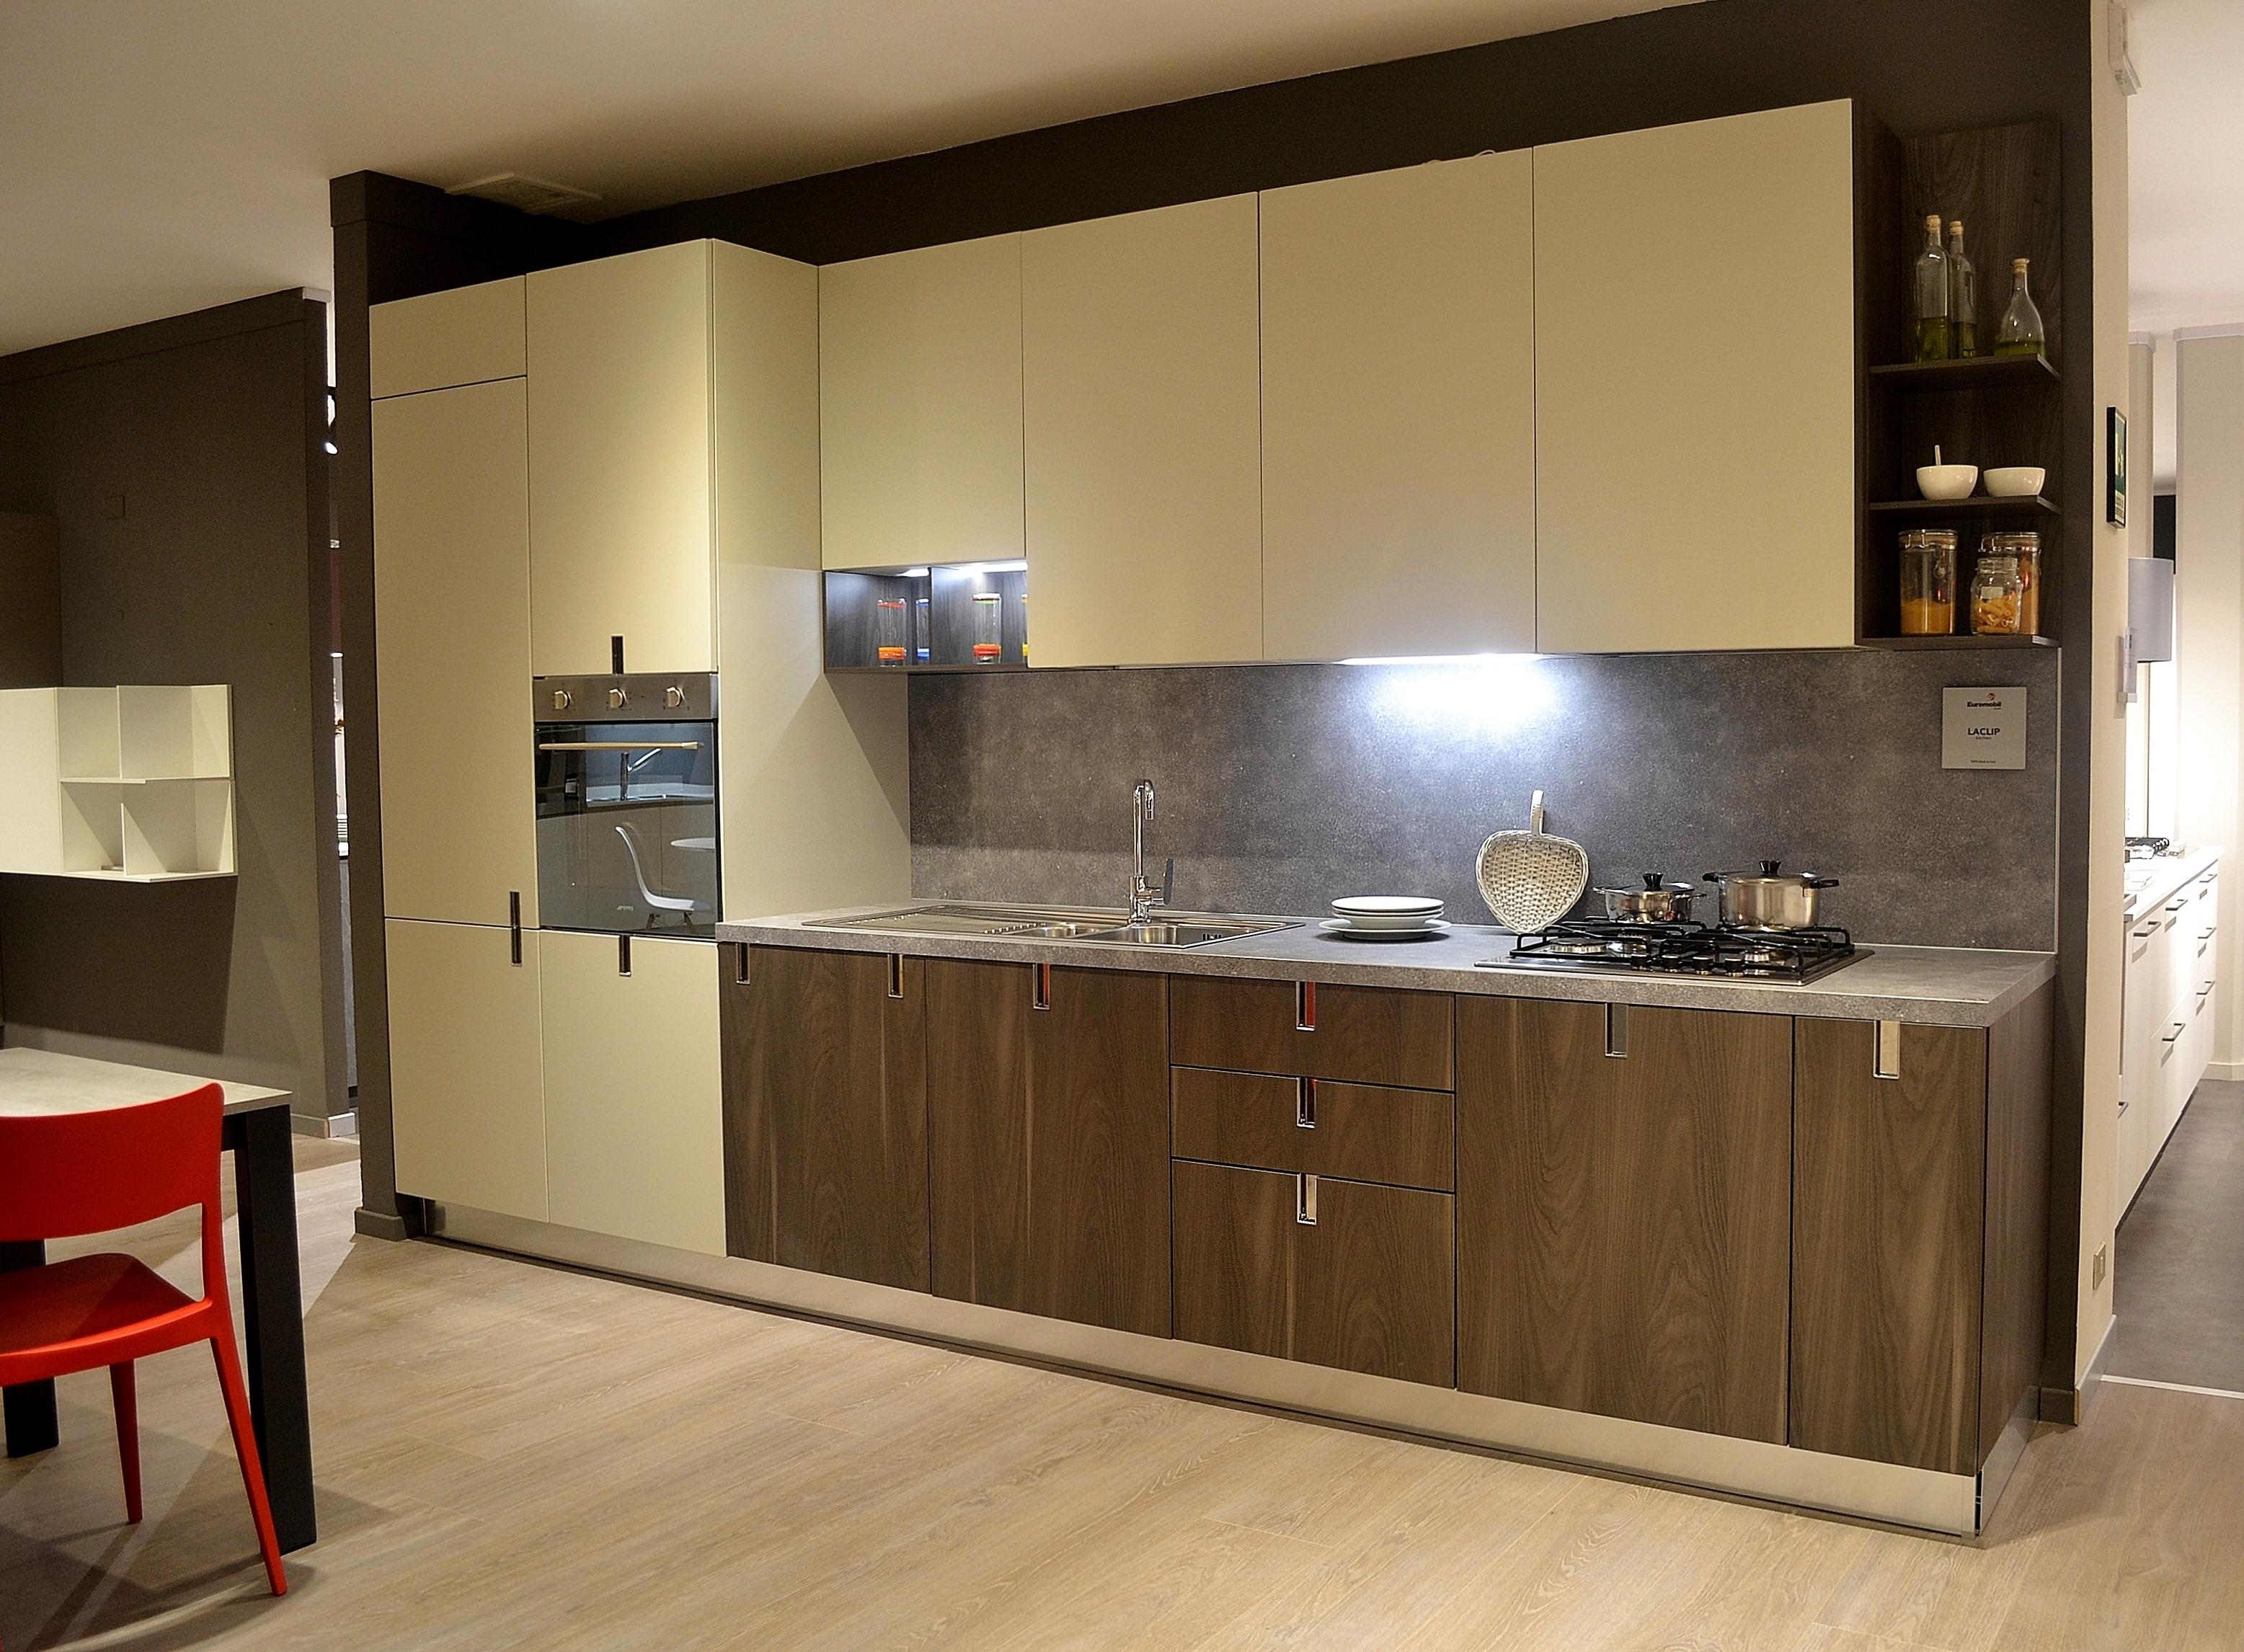 Cucina Euromobil LaClip | Dellavedova Arredamenti